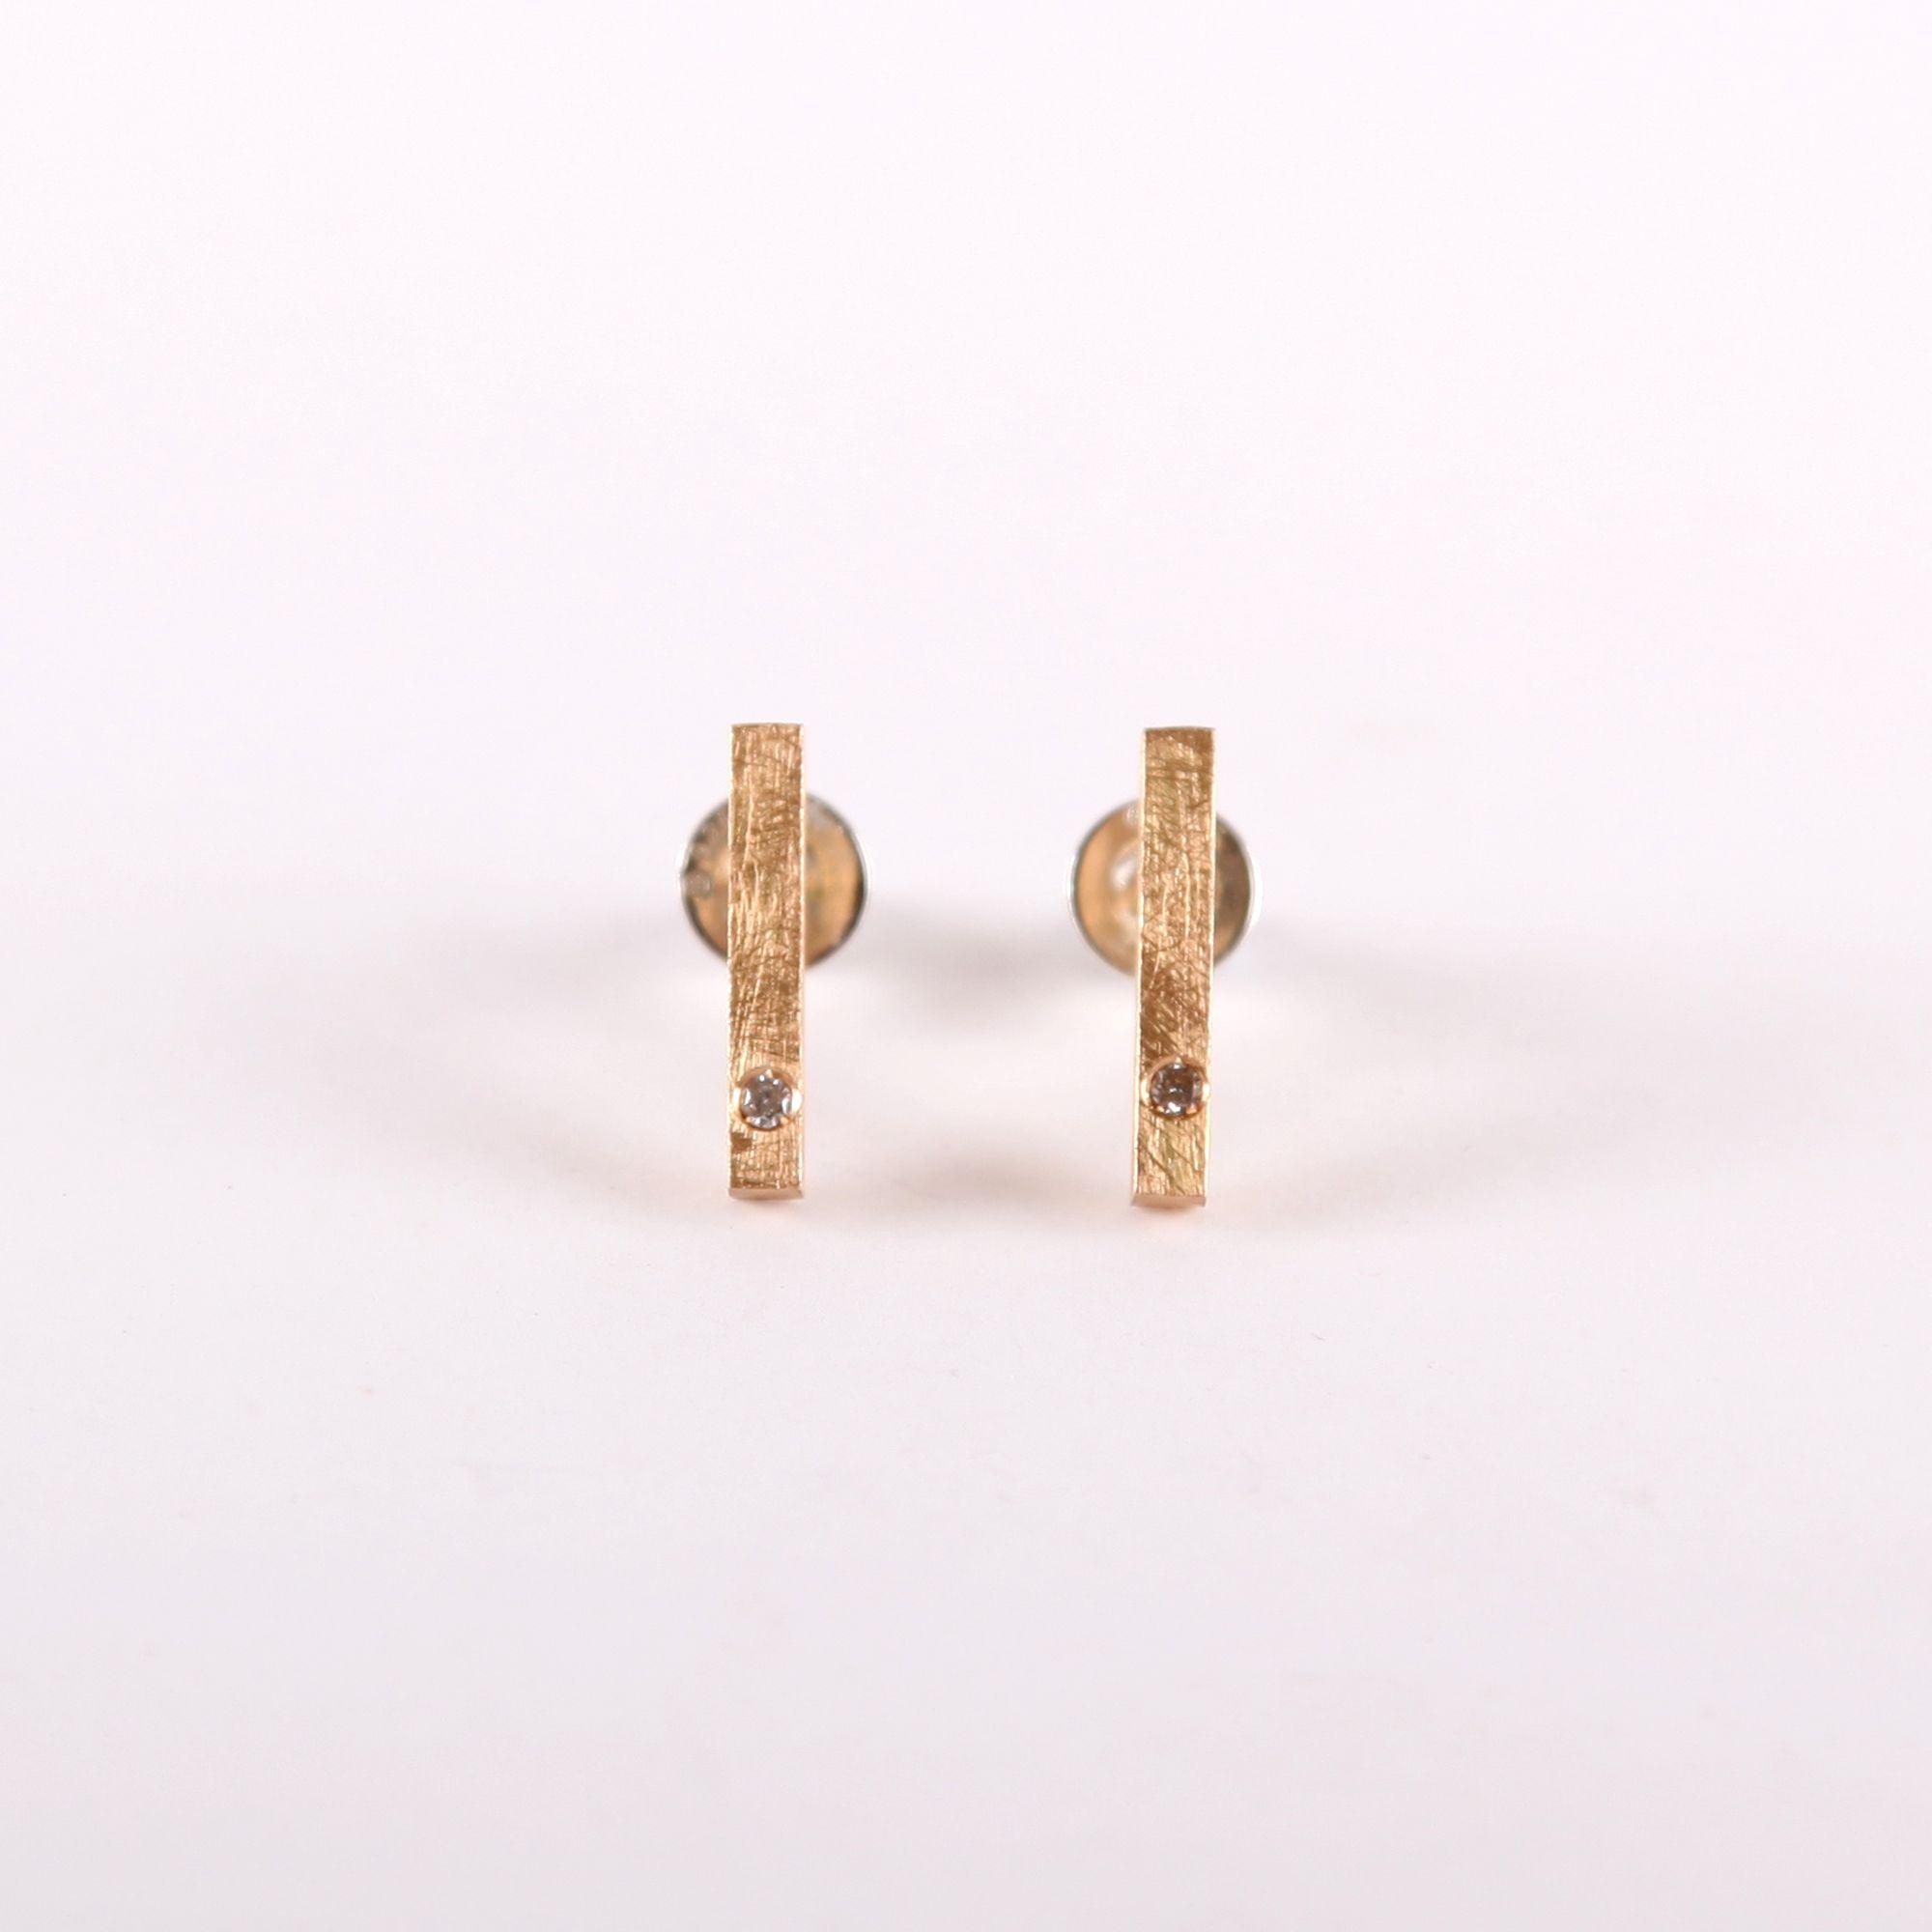 Pendientes geométricos de oro. Pendientes de oro 18k texturados con forma geométrica simple. Incrustación de diamante. Tamaño: brillante: Ø 1,5mm. Tamaño pendientes: 1,5 x 0.2cm